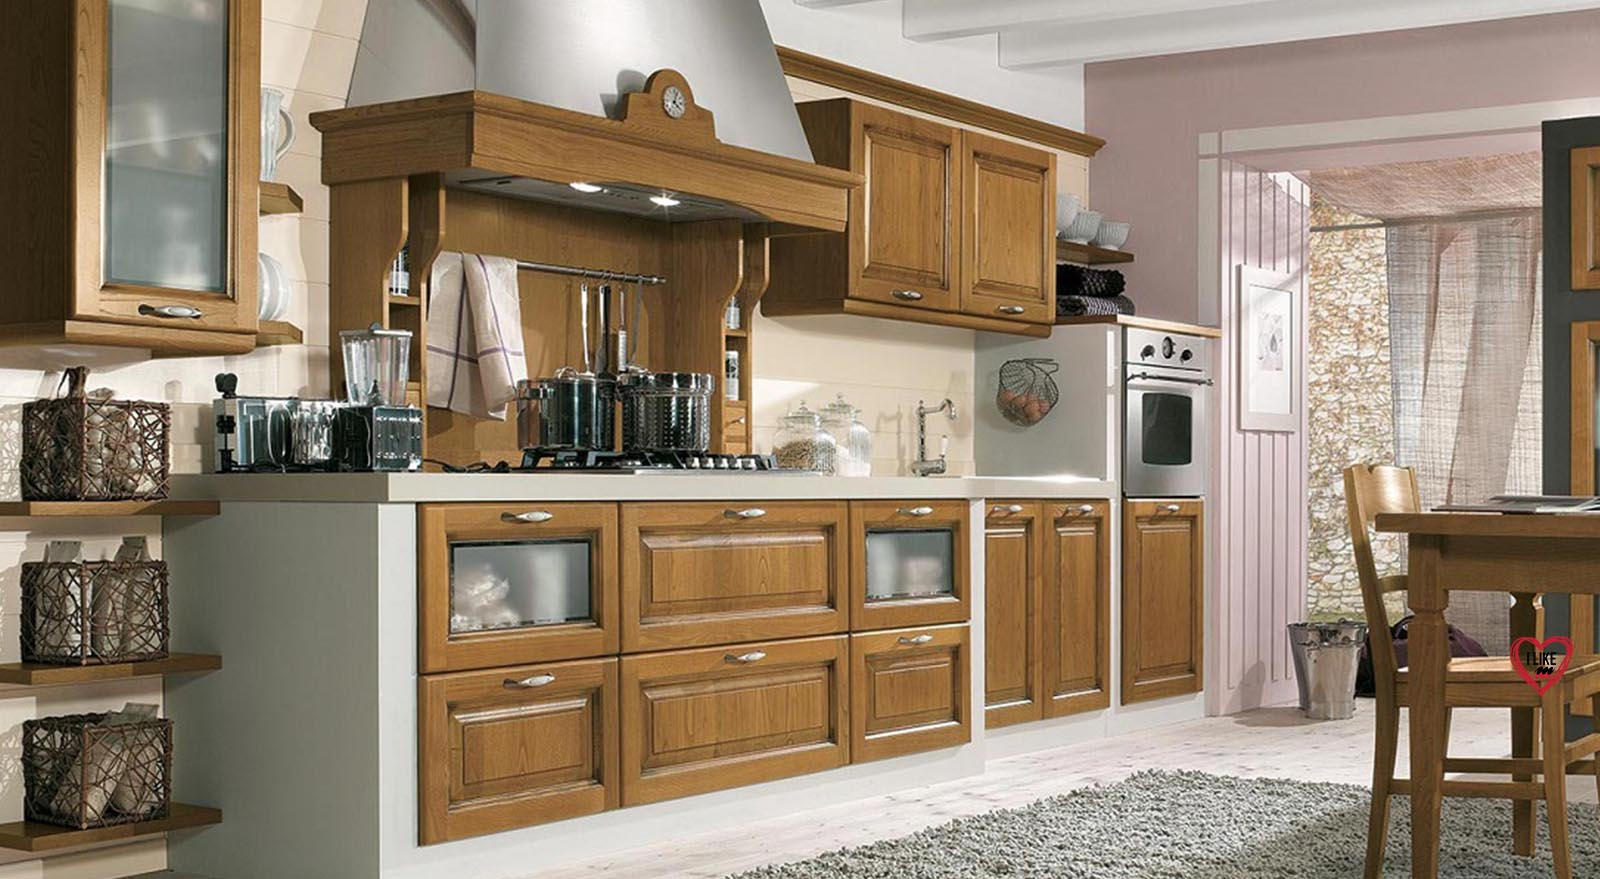 Negozi cucine padova cucine classiche in muratura with for Ingrosso arredamenti veneto